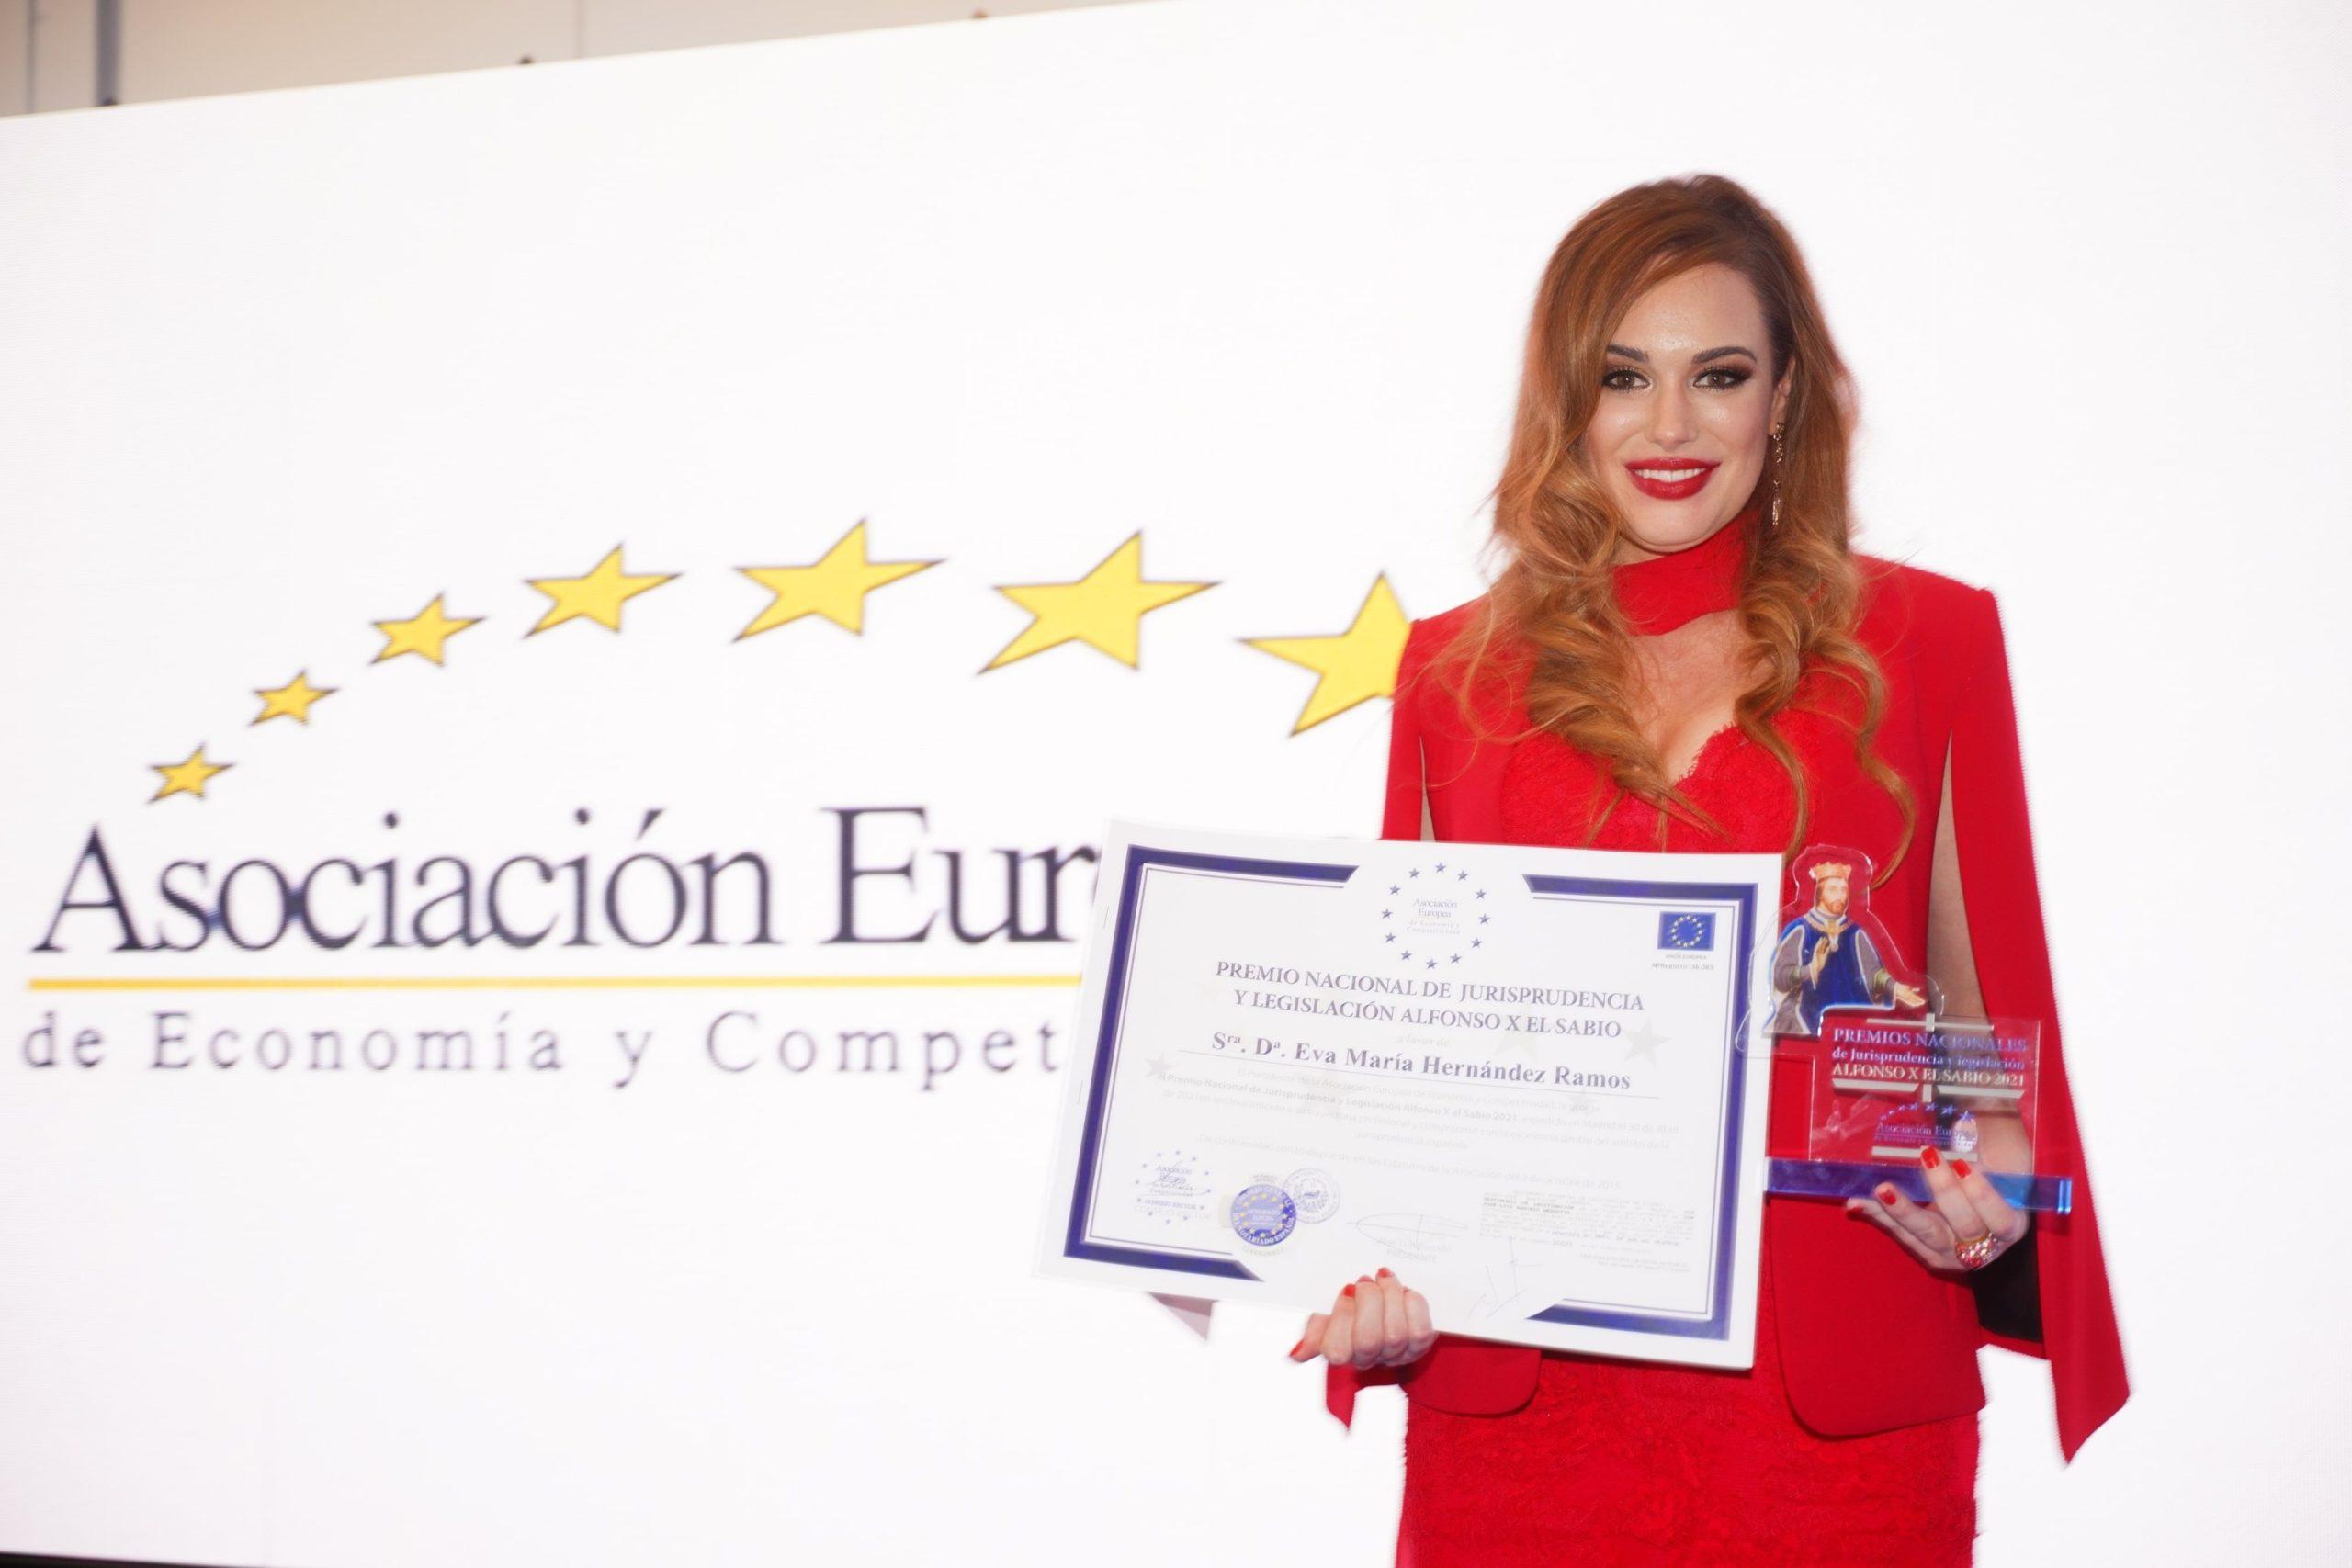 Premio Nacional de Jurisprudencia y Legislación Alfonso X El Sabio 2021, para Eva María Hernández Ramos